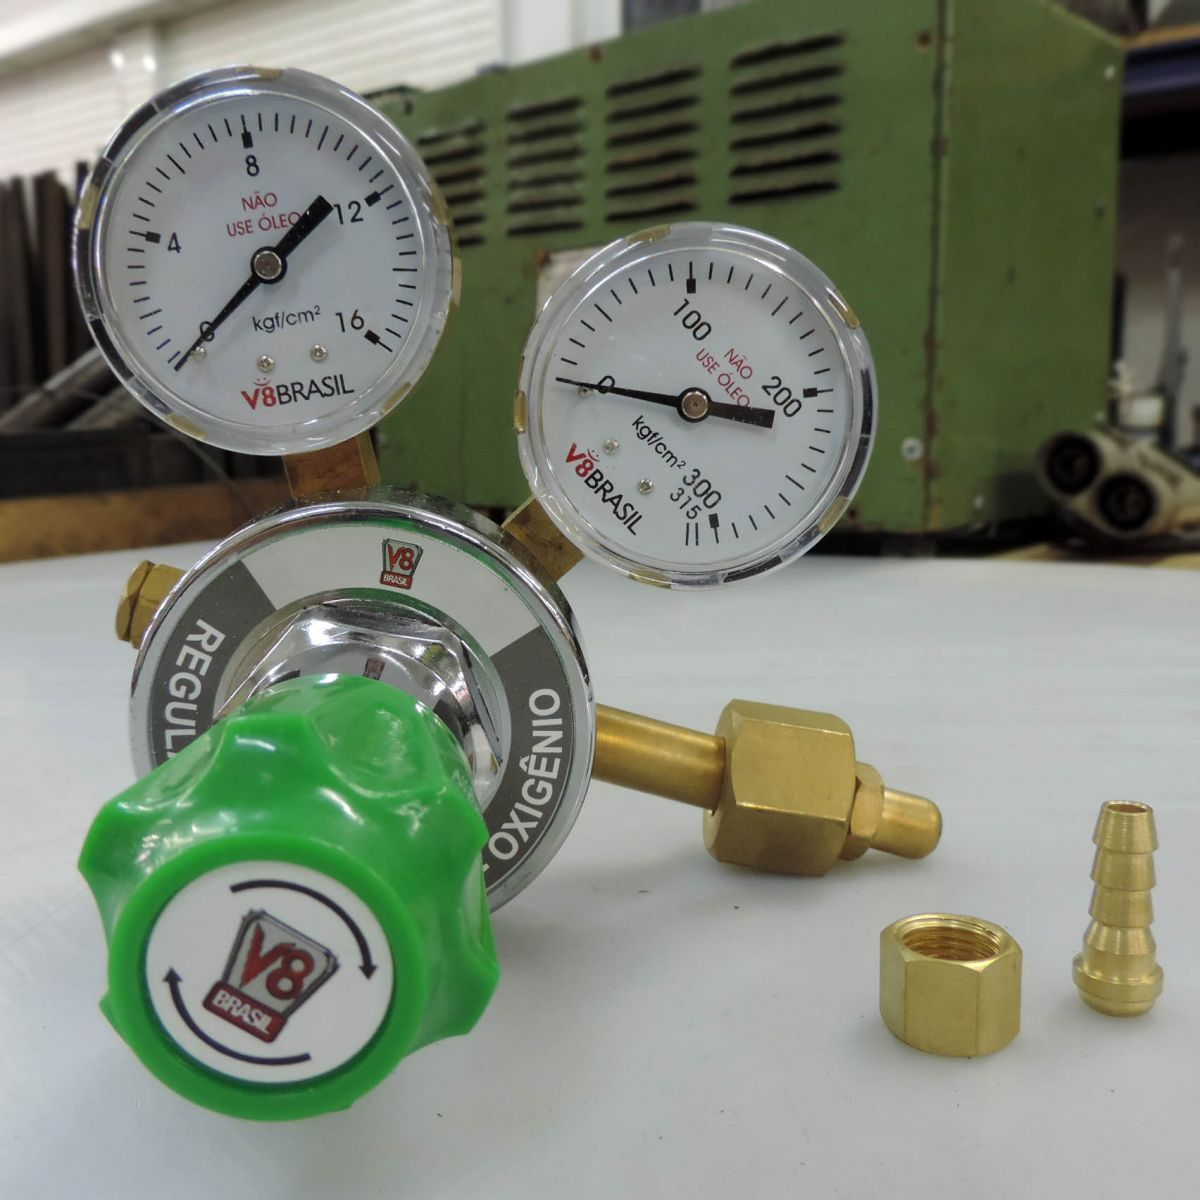 Regulador De Pressão Para Gás Oxigênio V8-ox-10 V8 Brasil